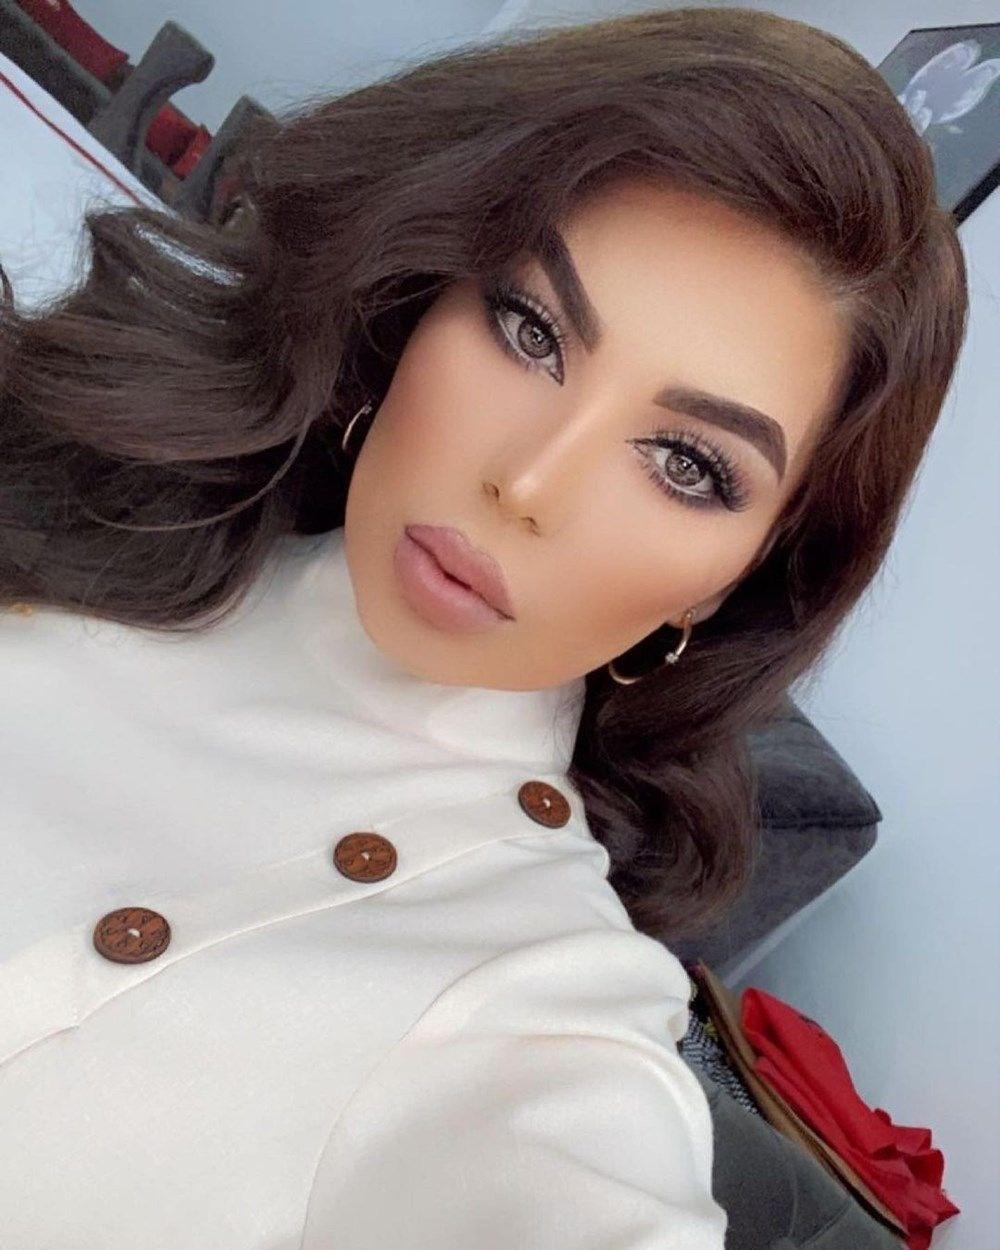 Afgan popstar Aryana Sayeed İstanbul'a kaçışını anlattı: Beni kafamdan vur, Taliban'a verme! - 5